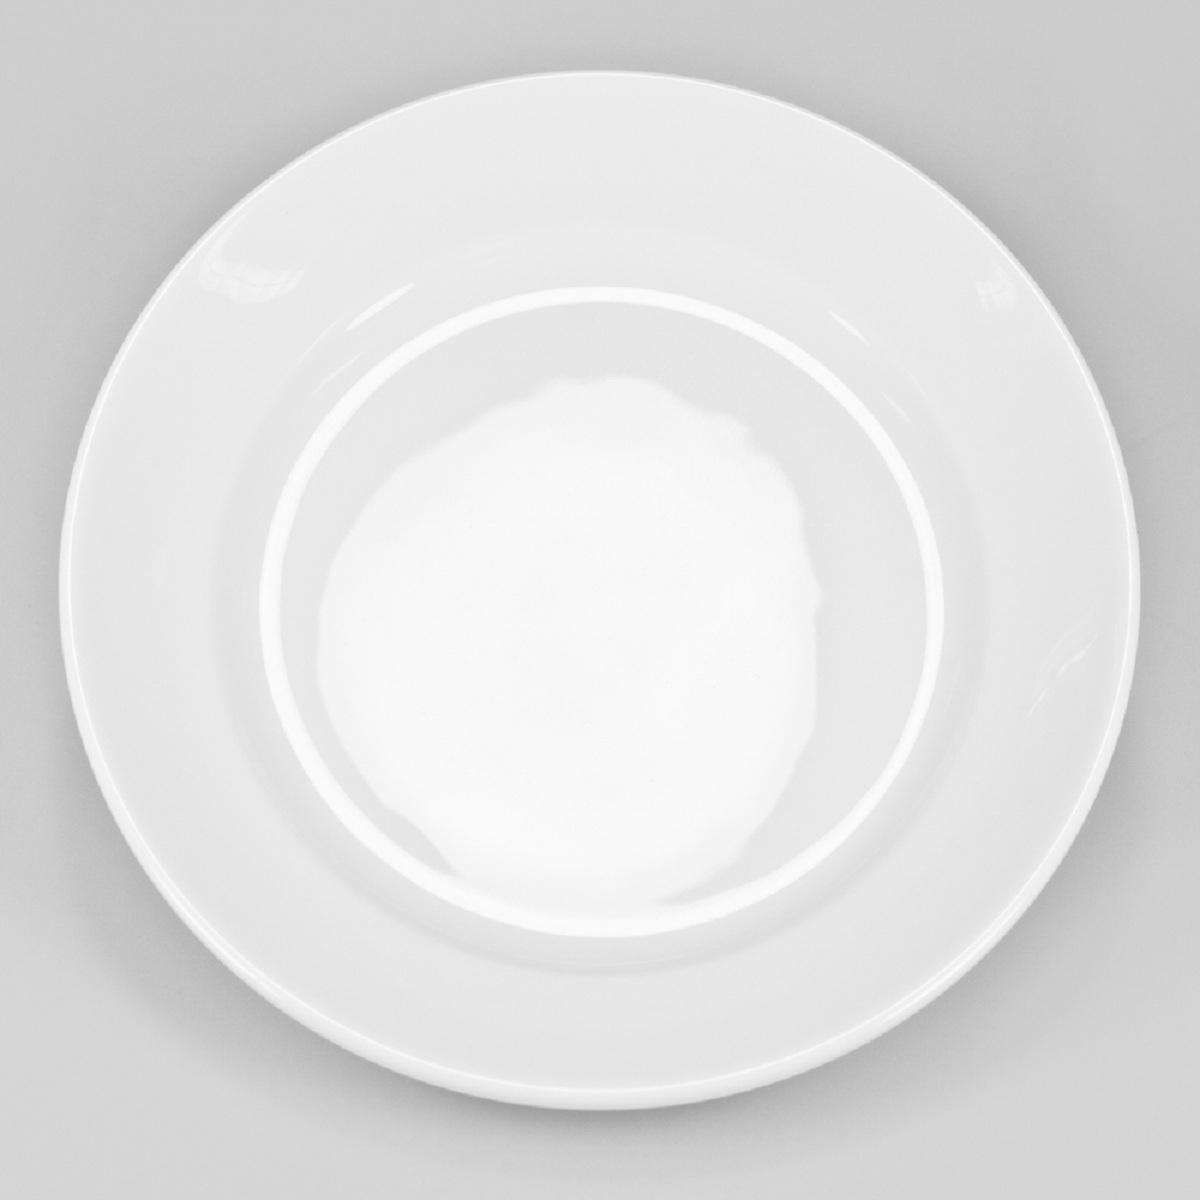 Тарелка Narumi, диаметр 25 см9265-1672Фарфоровые изделия из Японии маркируются на донышке обозначением China. Made in Japan. China - это международное обозначение высококачественного фарфора, происходящее от искаженного титула китайского императора, владеющего монополией на производство фарфора. Обозначение Bone China соответствует утонченному и изысканному костяному фарфору, популярность которого сейчас высока как никогда. Посуда из костяного фарфора этой фирмы имеет оригинальные формы, которые выделяют его среди продукции других фабрик. Продукцию этой фабрики характеризует значительная доля высококвалифицированного ручного труда, именно поэтому фарфор представляет собой высокий уровень, проявляющийся в изделиях для повседневного использования и праздничных ситуациях. Объединение ручного мастерства и дизайнерской идеи создает декоры, которые подчёркивают особую индивидуальность каждой формы. . В продажу поступает фарфор только высокого качества, отличающий уже много лет традиционную марку Narumi Костяной фарфор фабрики Narumi можно мыть в посудомоечной машине.